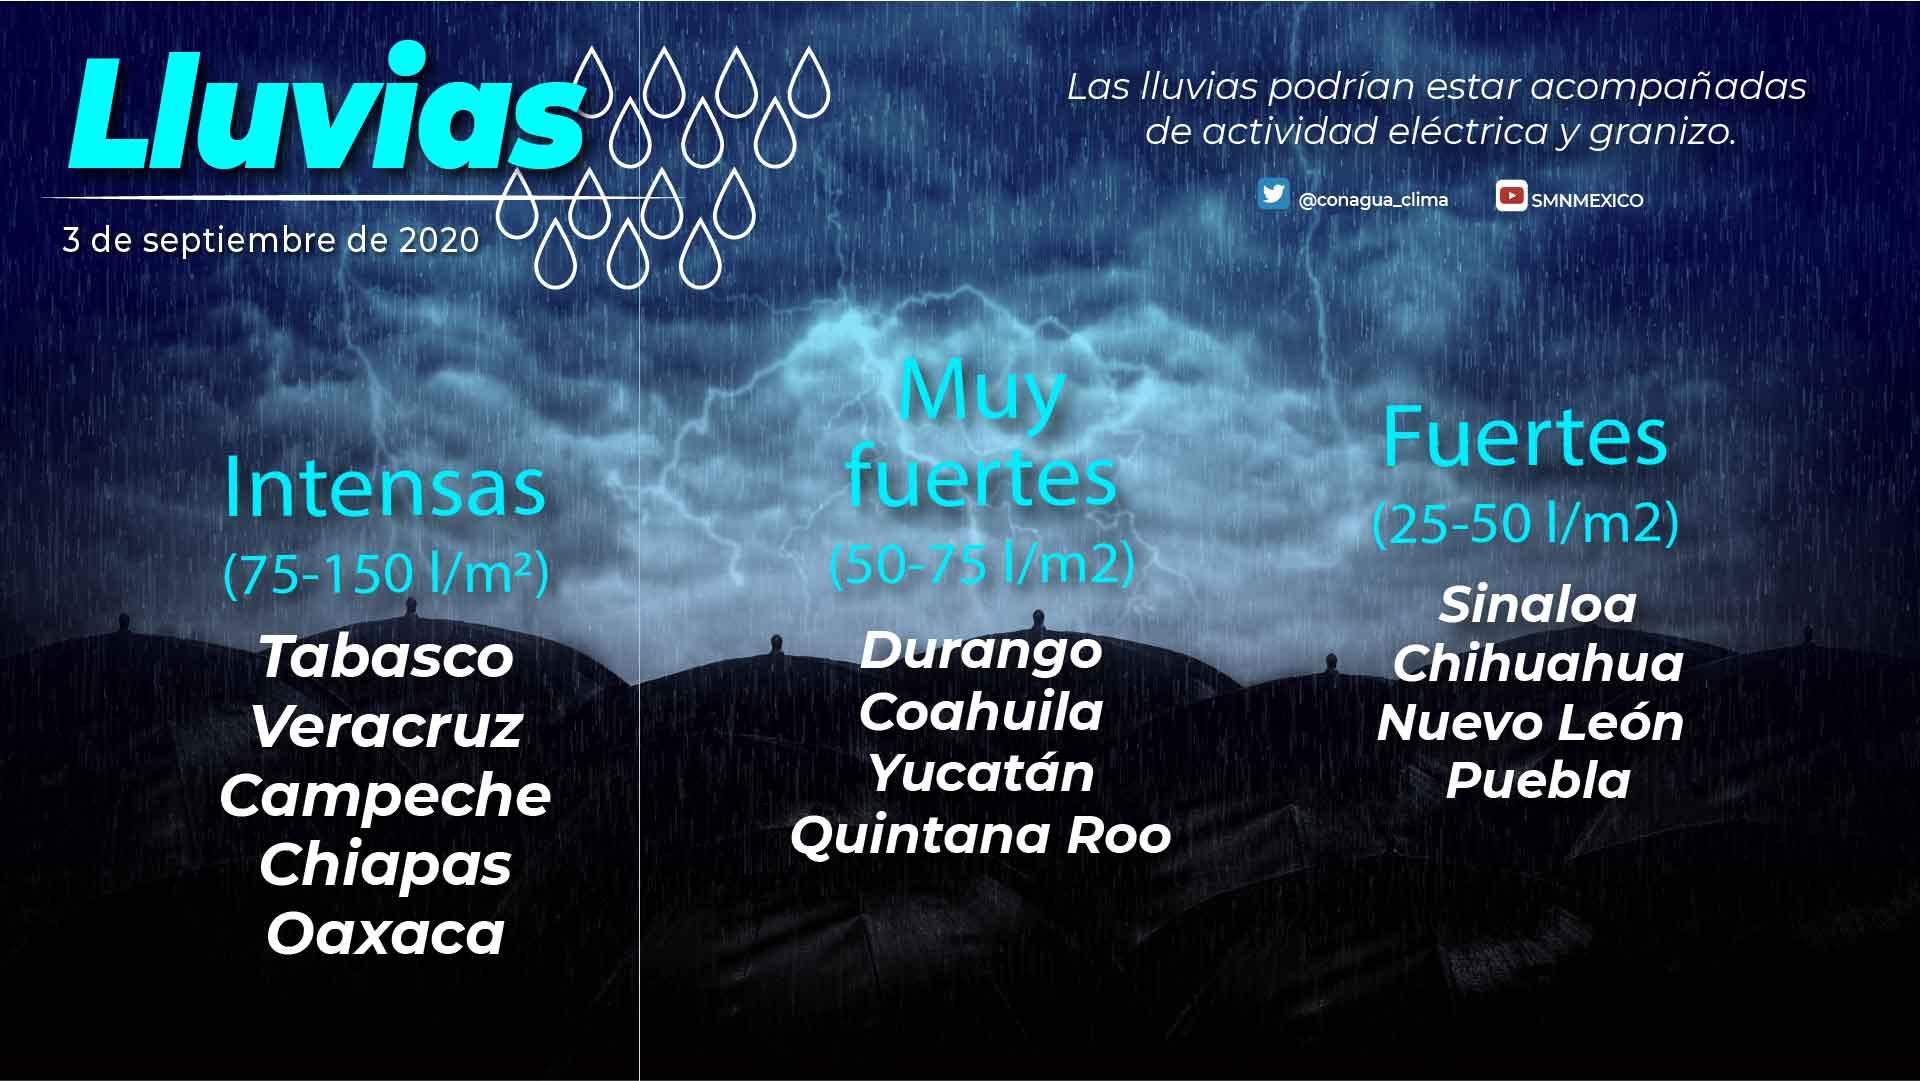 La tormenta tropical Nana ocasionará lluvias puntuales intensas en Campeche, Chiapas, Oaxaca, Tabasco y Veracruz